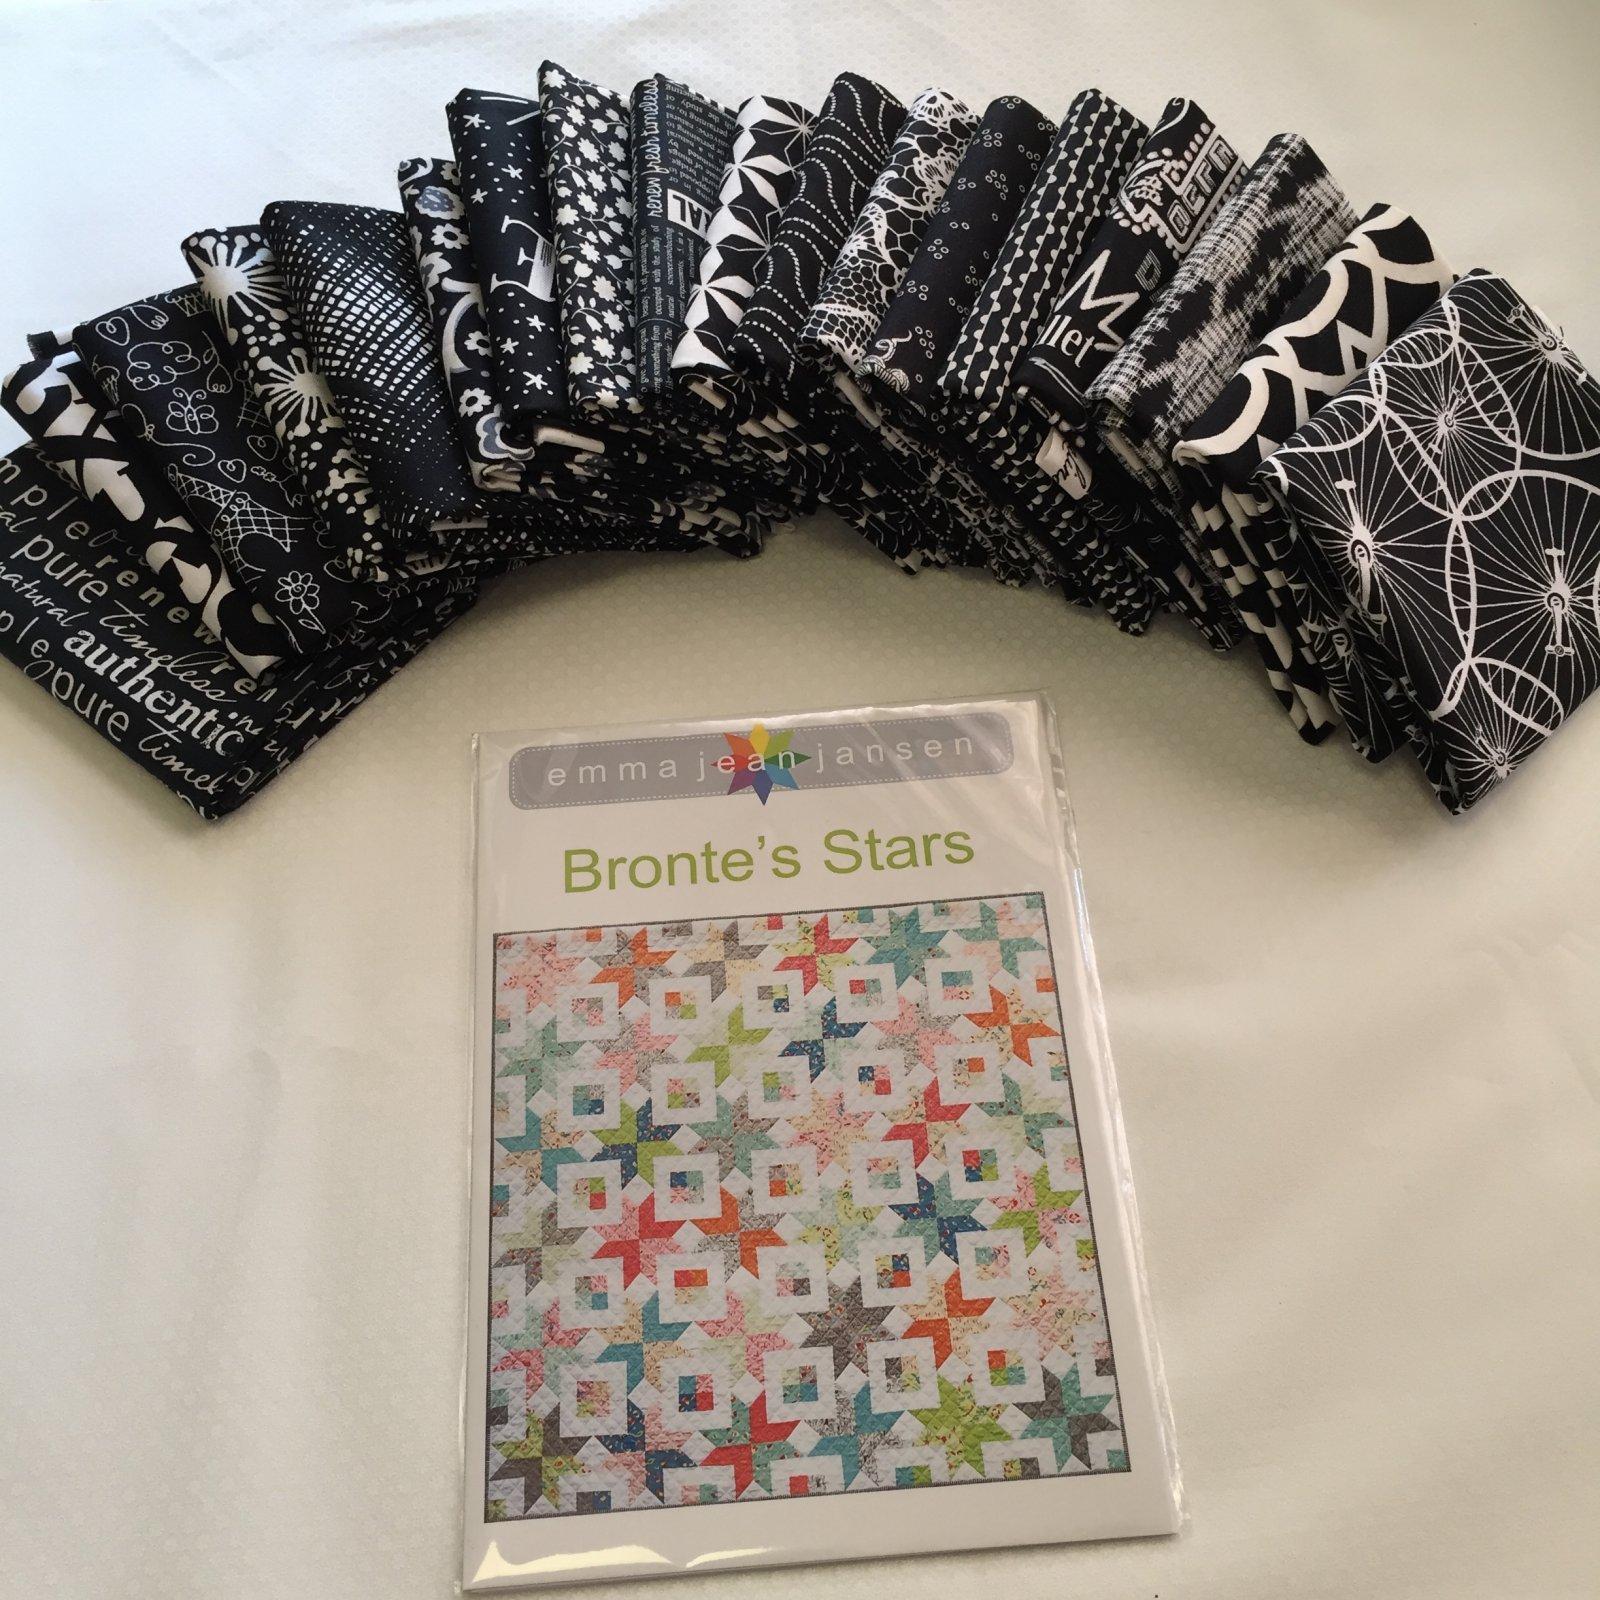 Bronte's Stars Black & White Quilt Kit 72 x 72